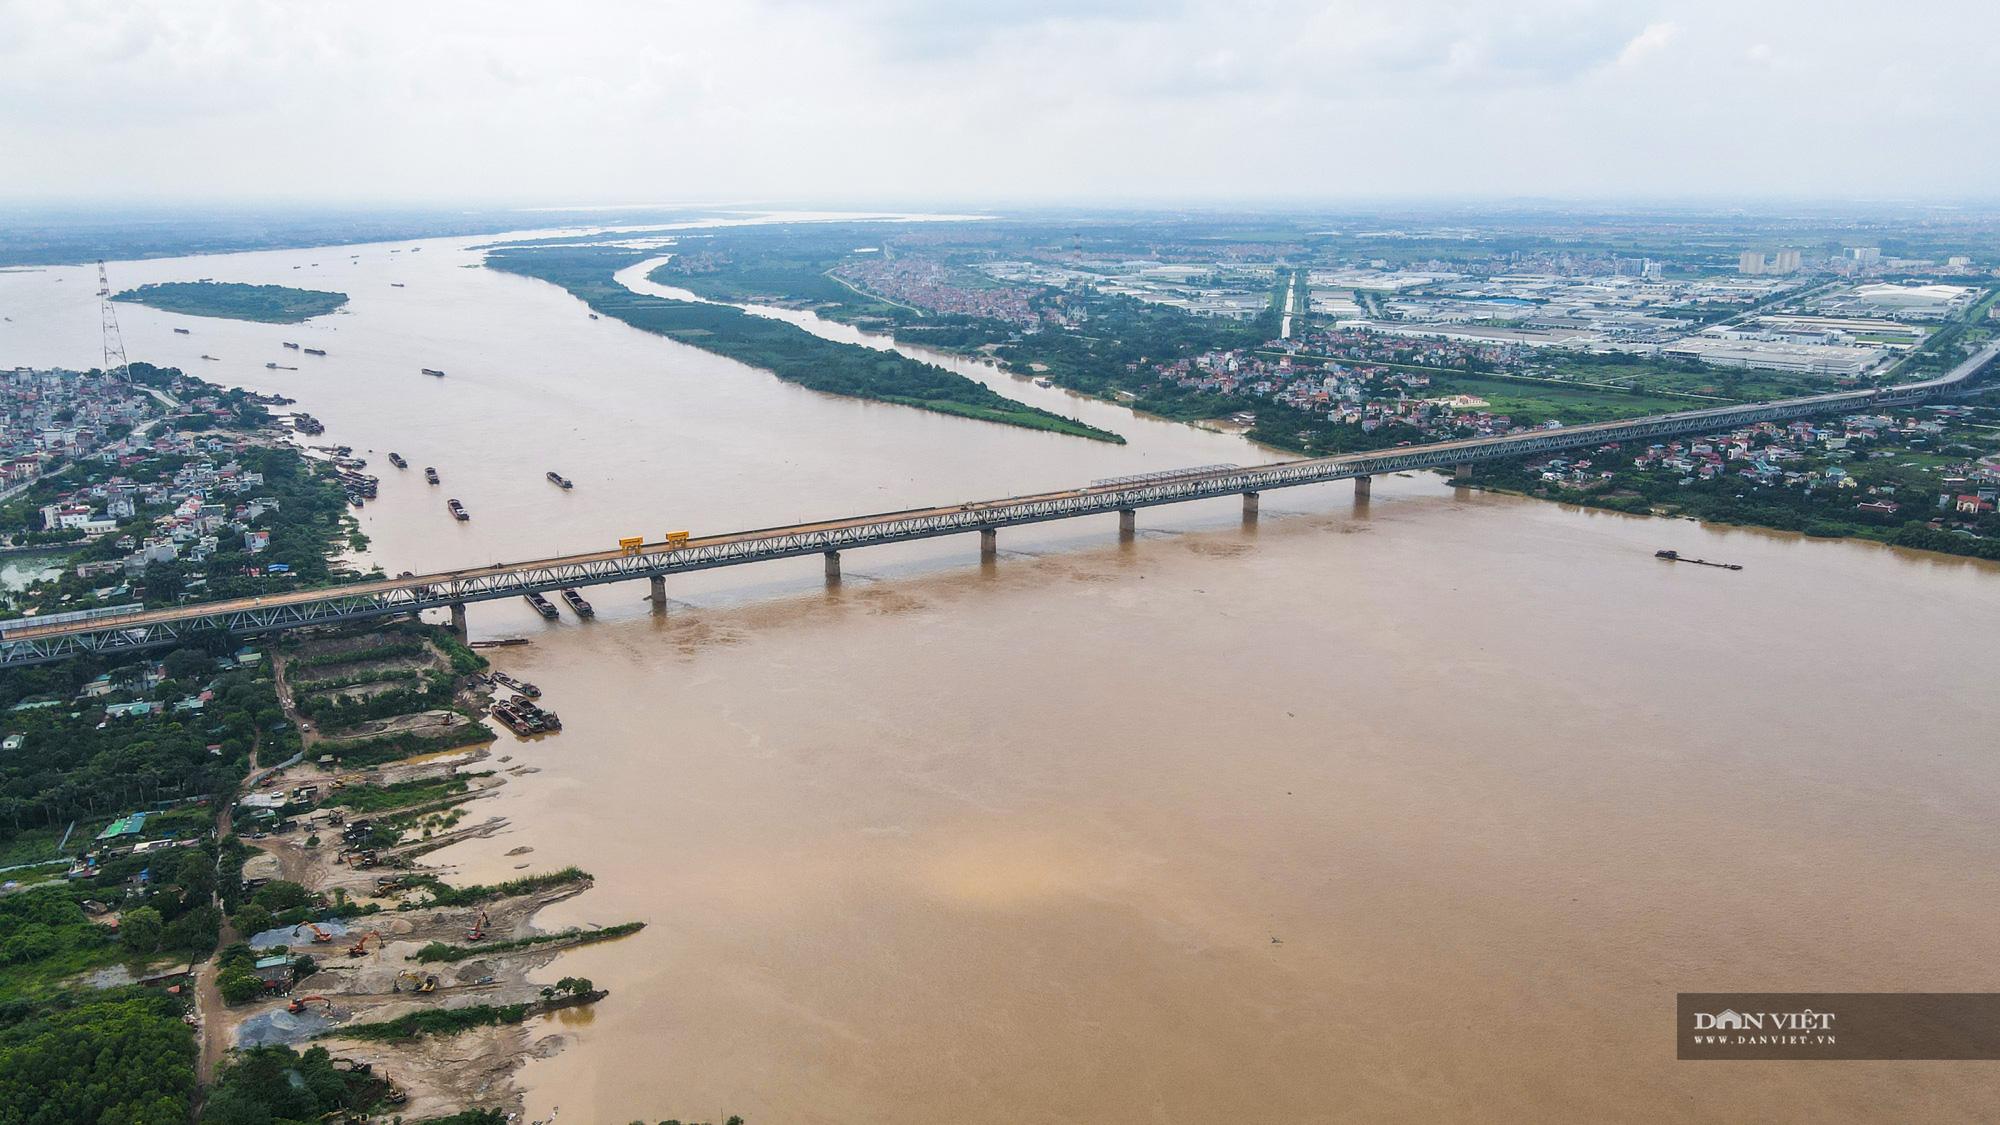 Những cây cầu làm thay đổi diện mạo Thủ đô trong những năm qua - Ảnh 5.